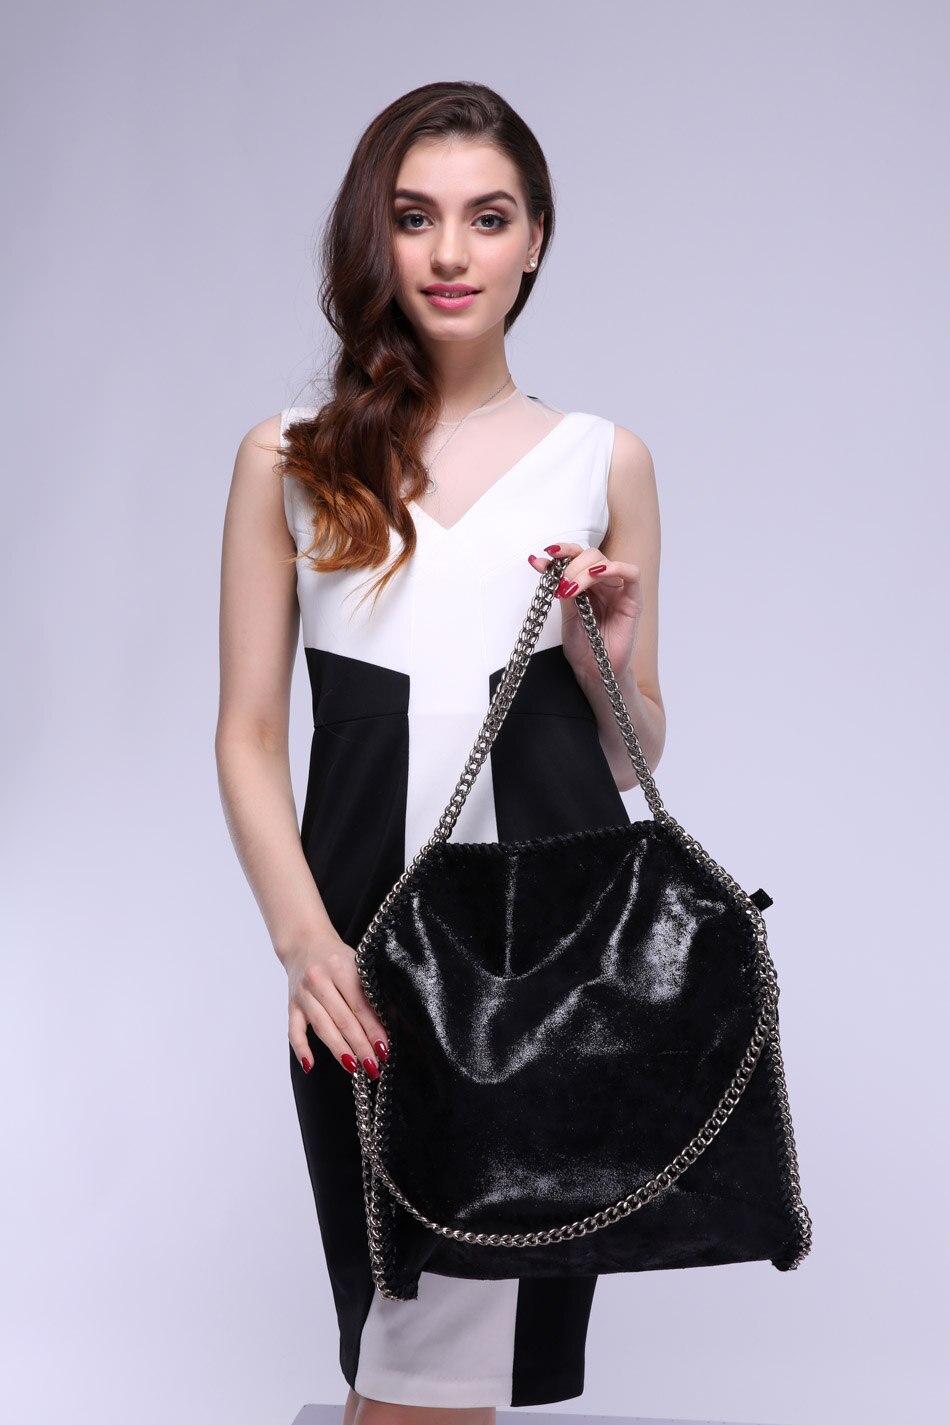 hs rima mulheres homensagem sacolas Estilo : Fashion